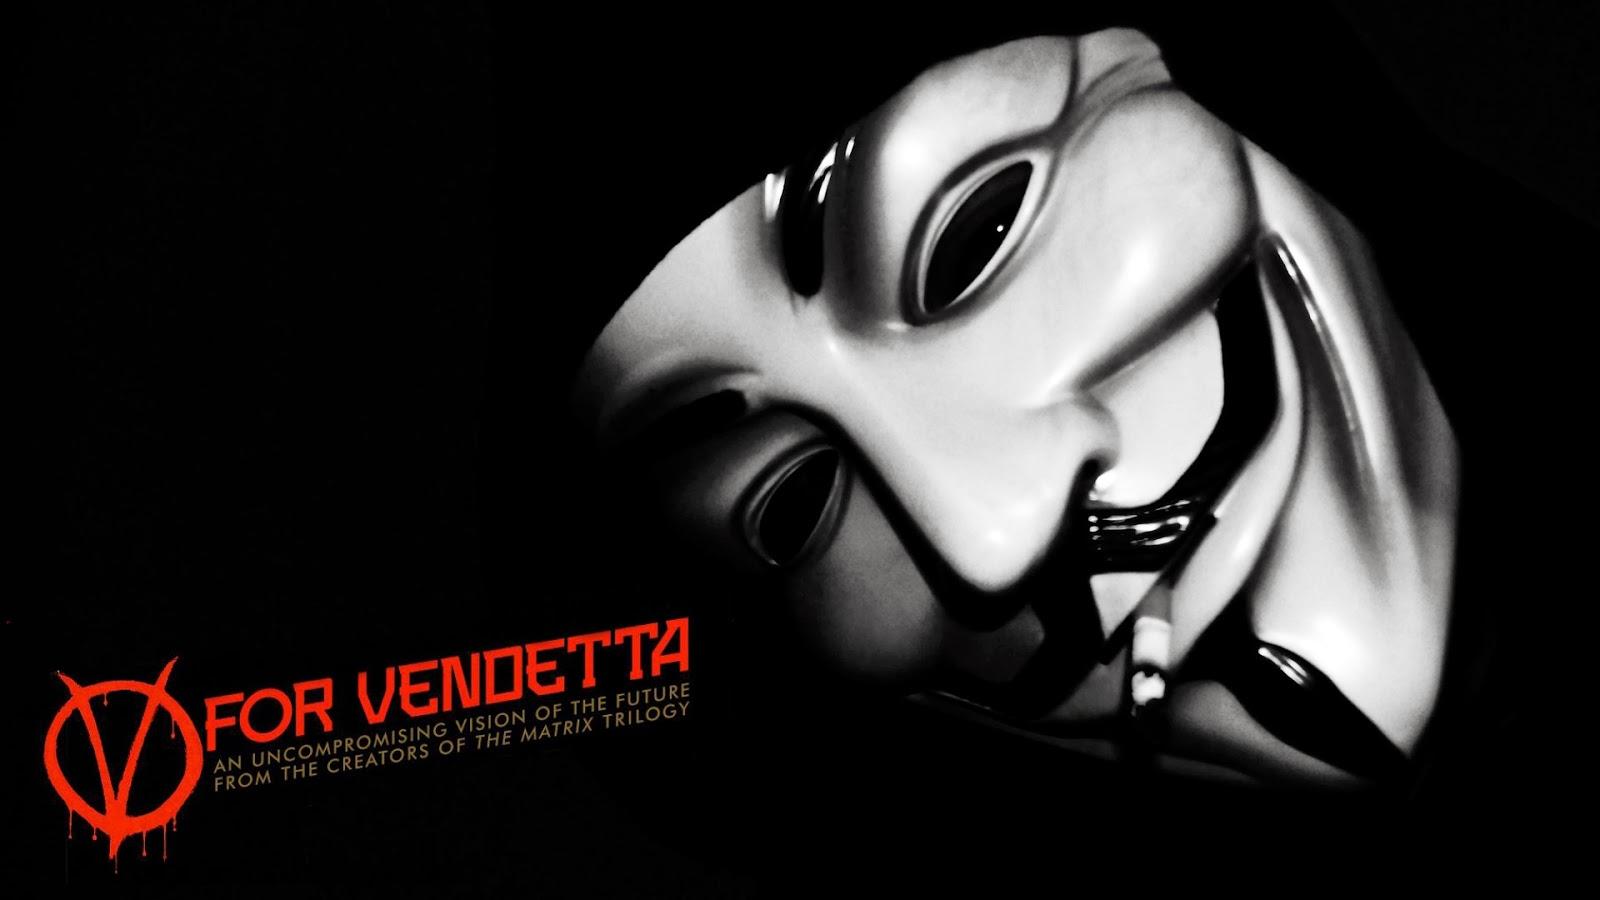 v for vendetta rose wallpaper - photo #12